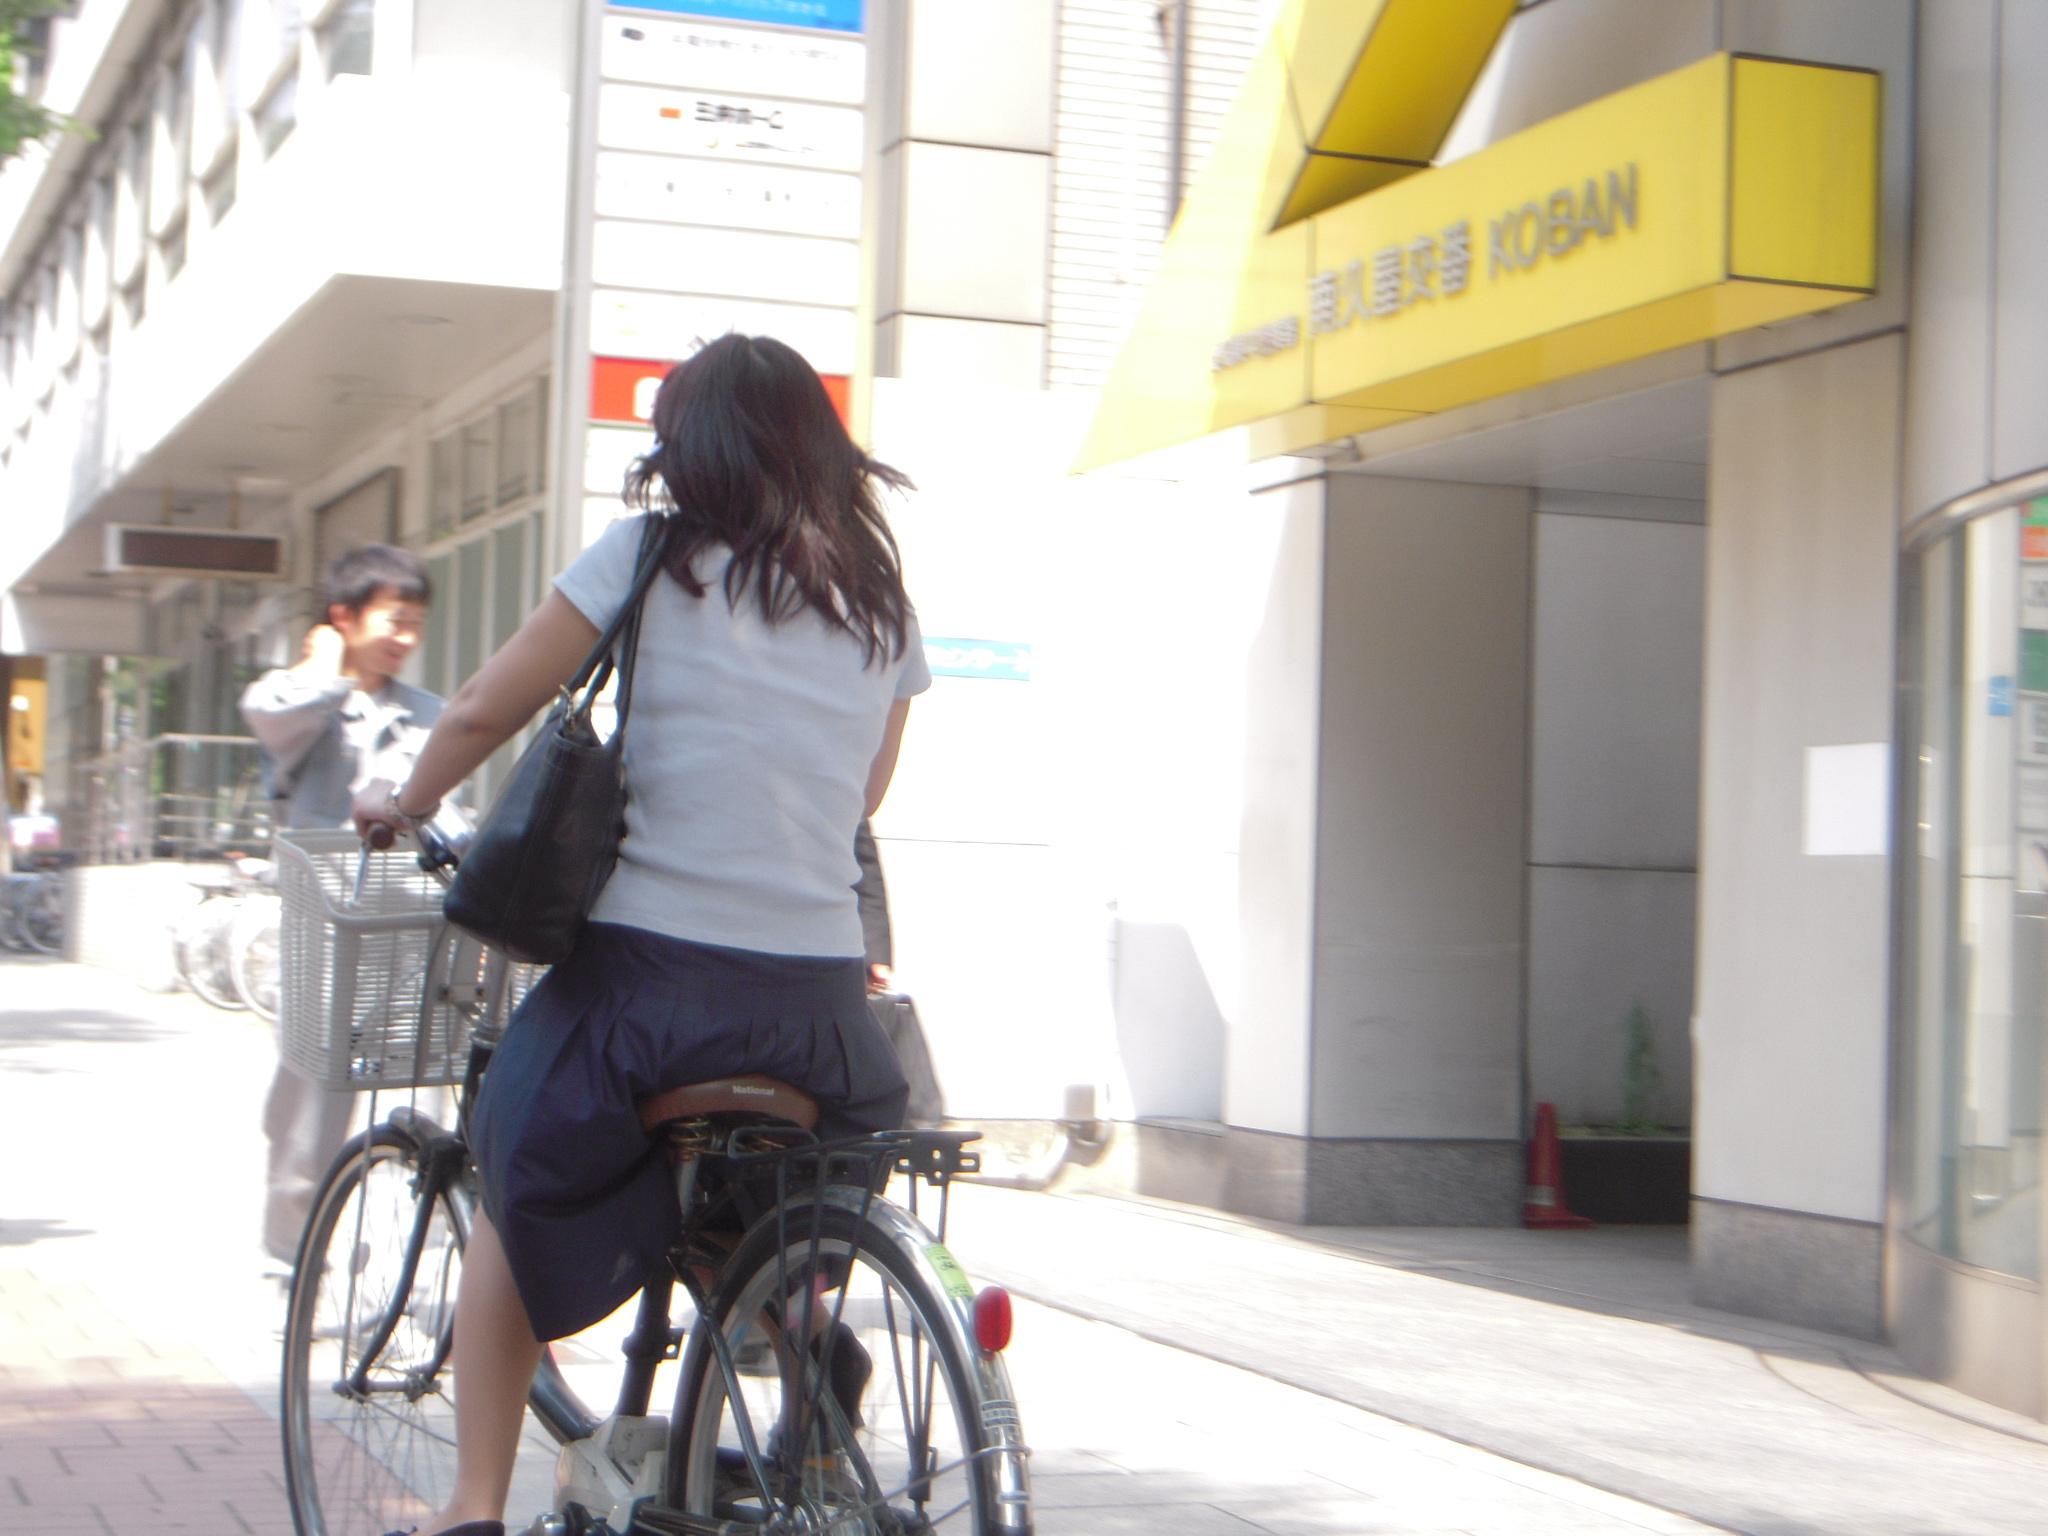 狙われたOLの自転車タイトミニ三角盗撮エロ画像8枚目